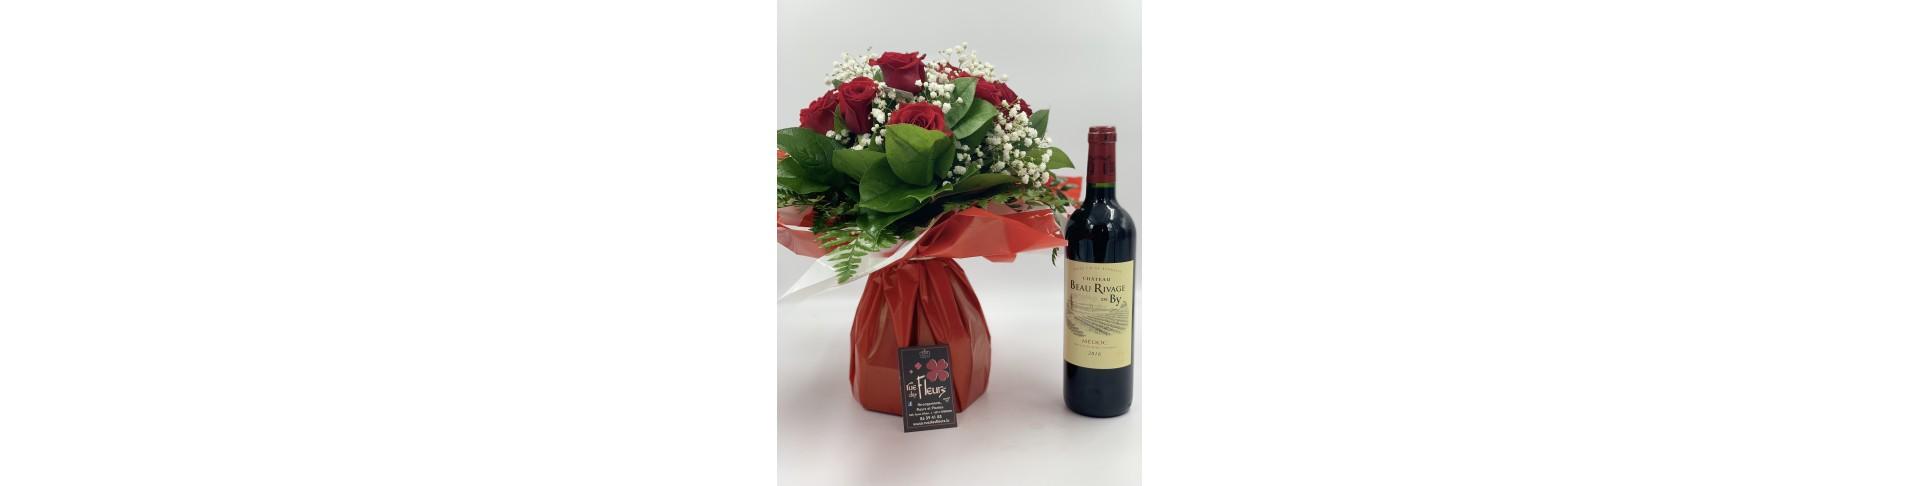 Bouquet et Bouteille de vin